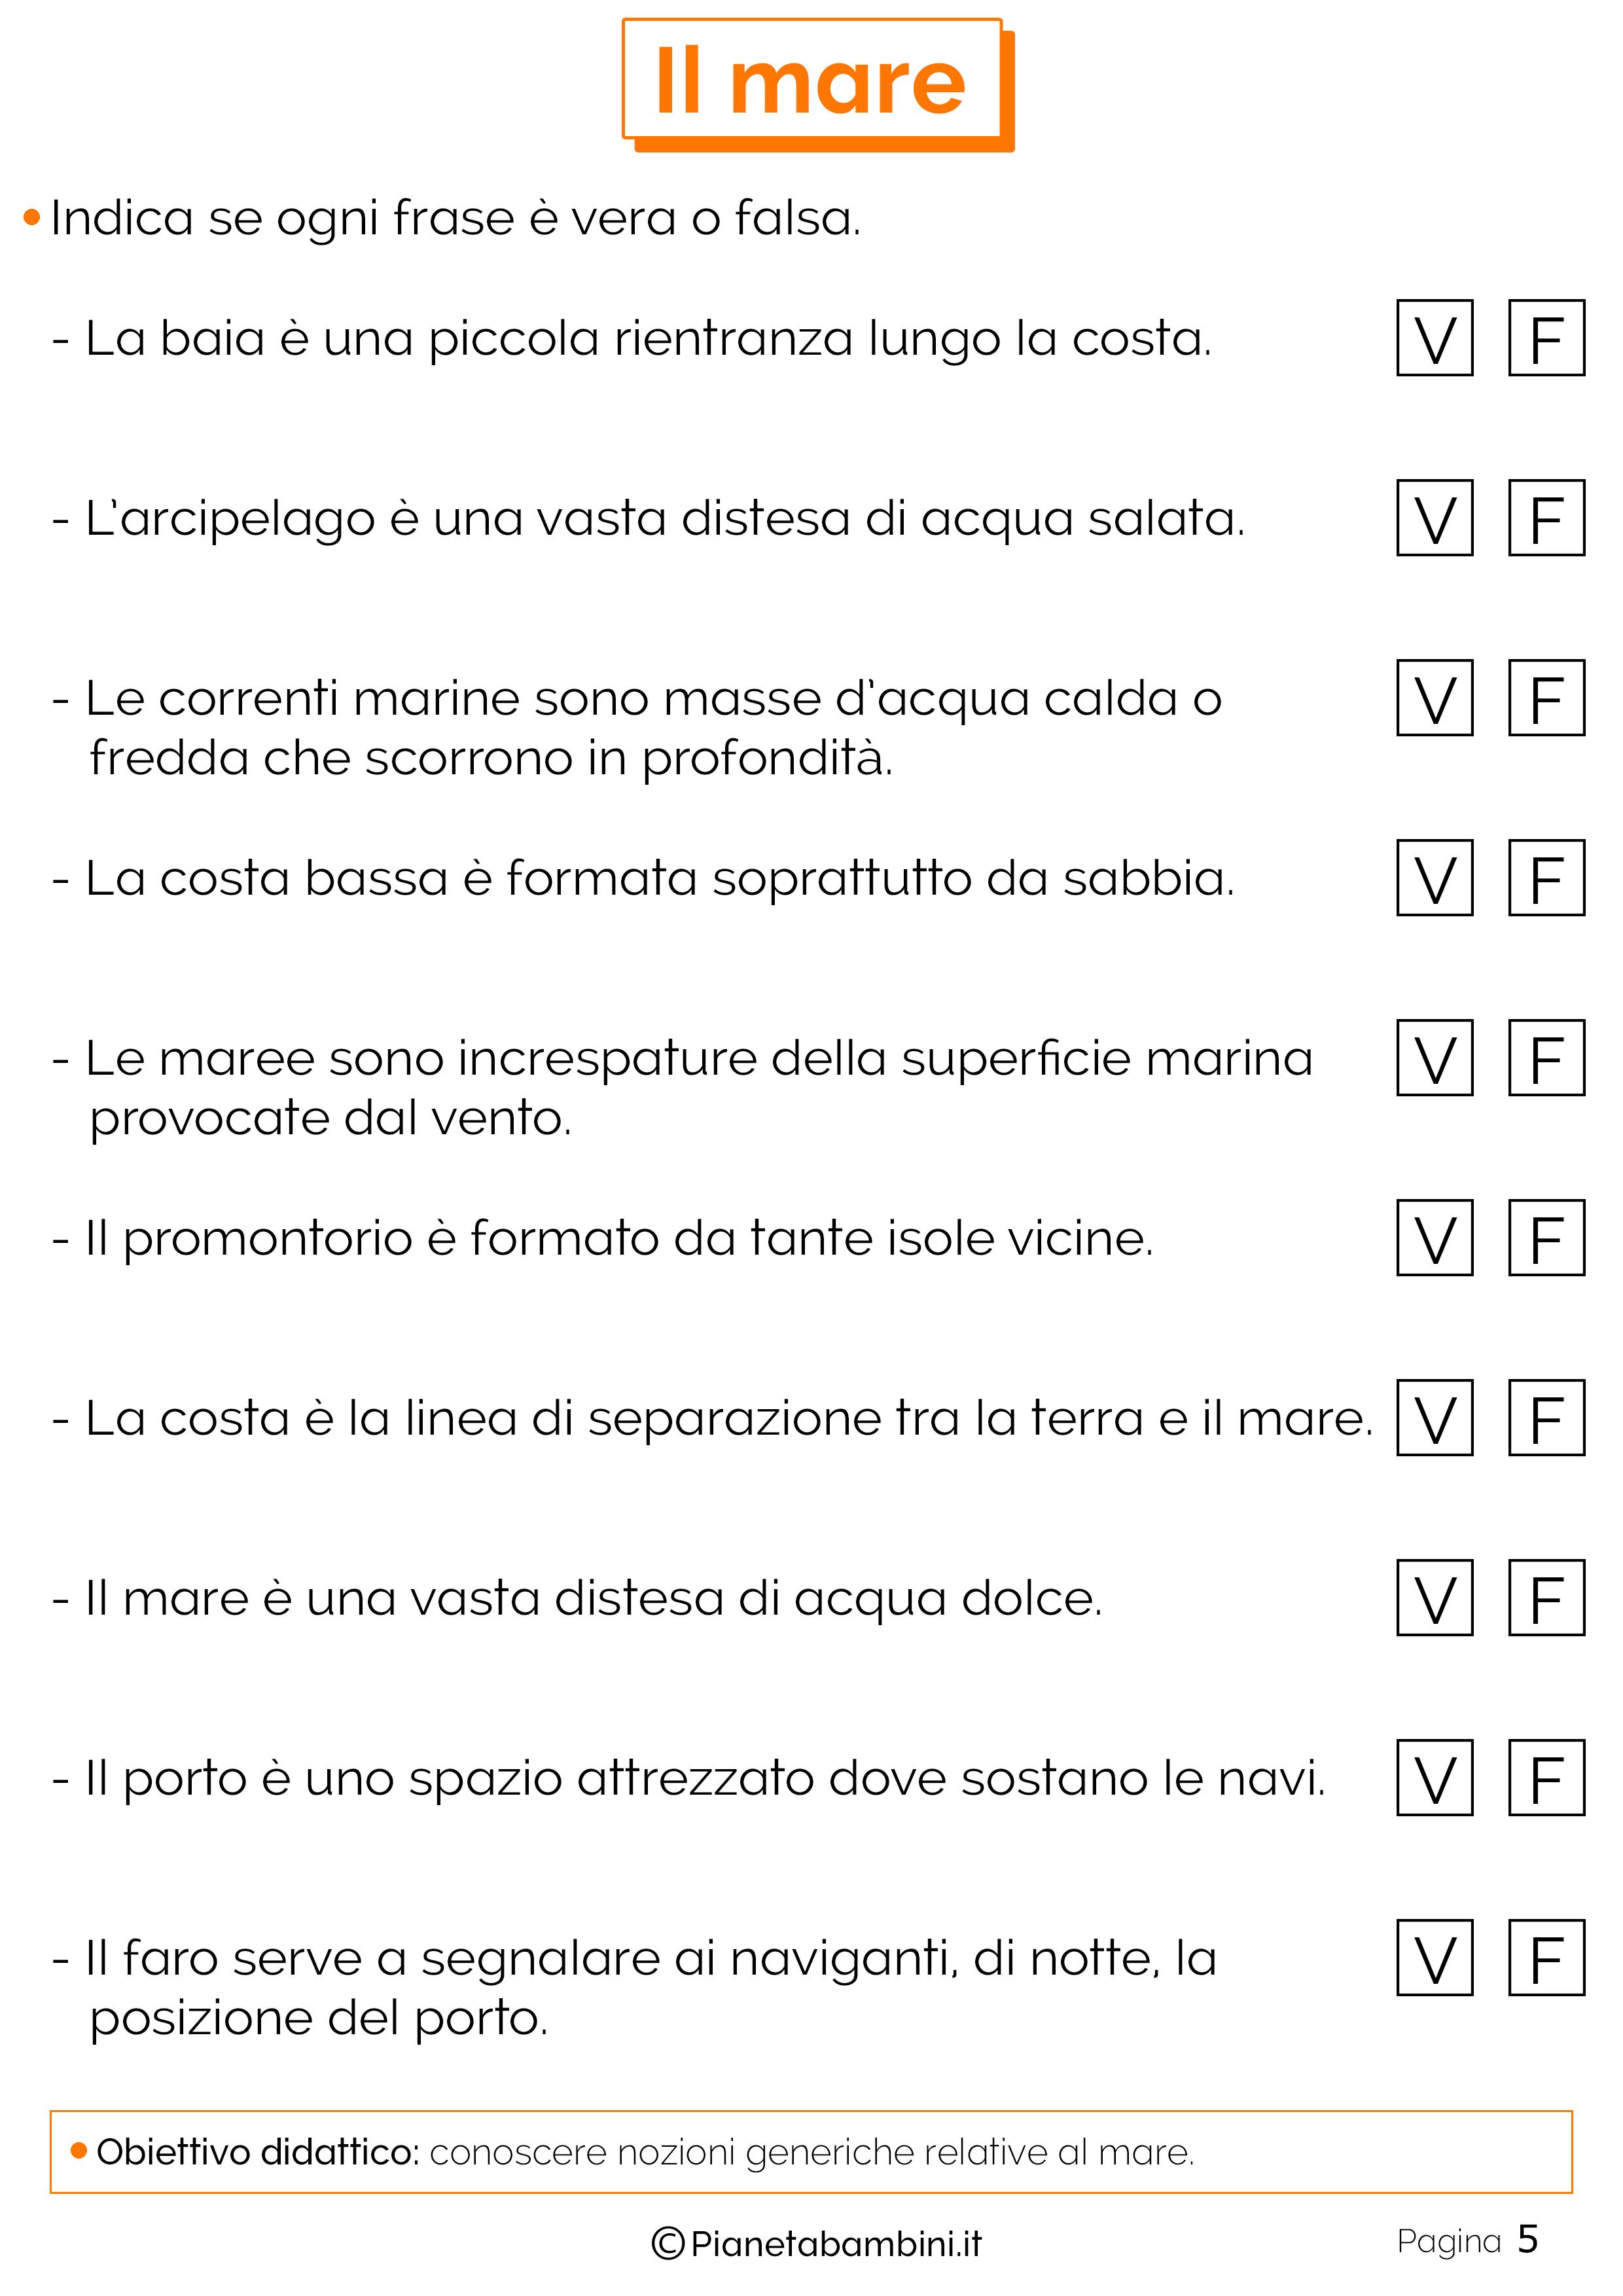 Conosciuto Il Mare: Schede Didattiche per la Scuola Primaria | PianetaBambini.it WR16